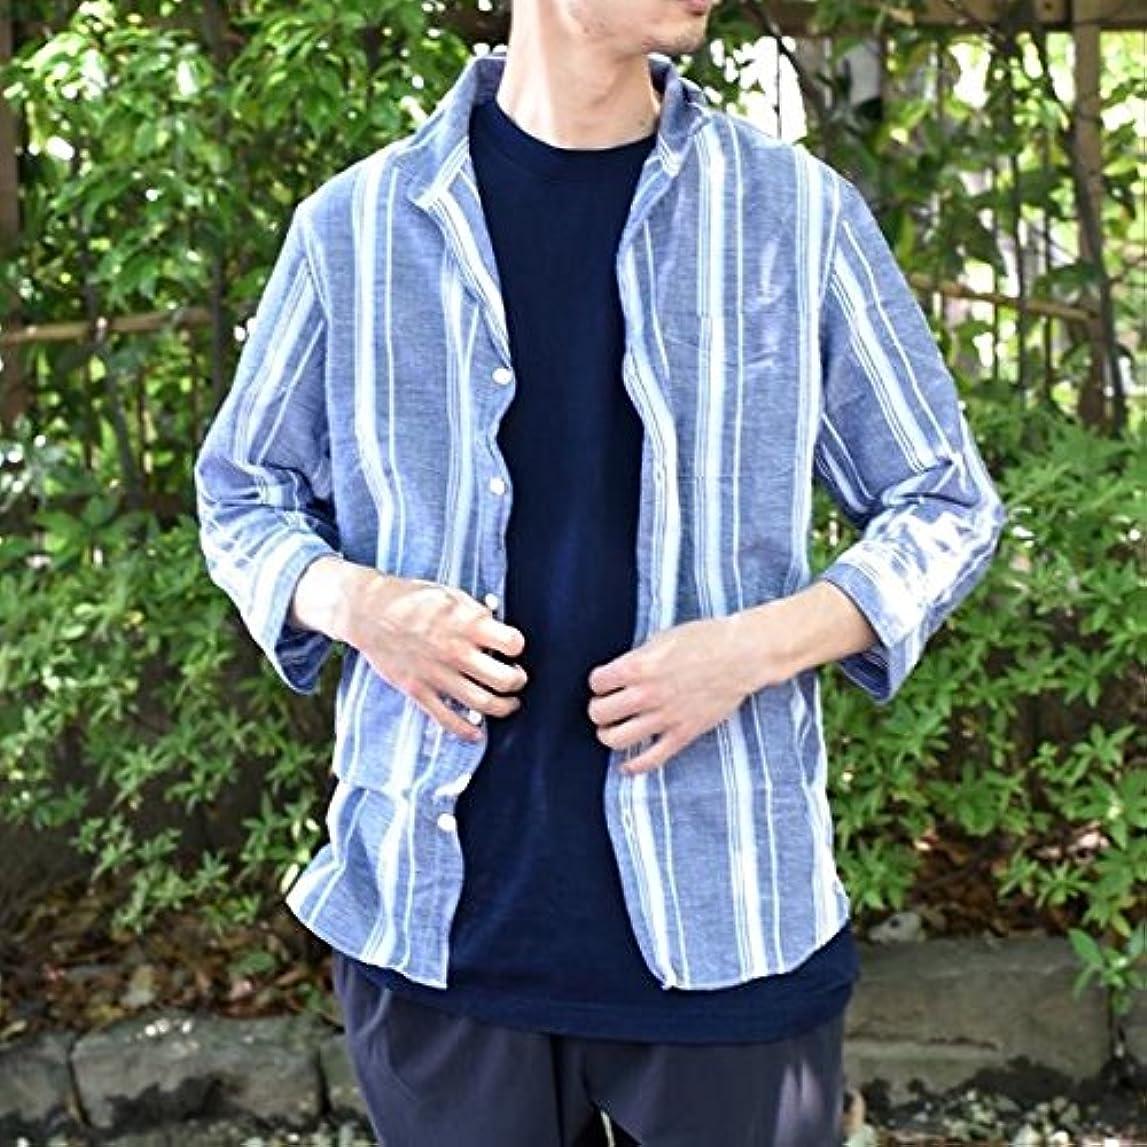 脱臼する悪性の脱臼するシップス(メンズ)(SHIPS) SU: 【COOL MAX】リネンシャツ ワイヤー 7スリーブ【コバルトブルー/LARGE】